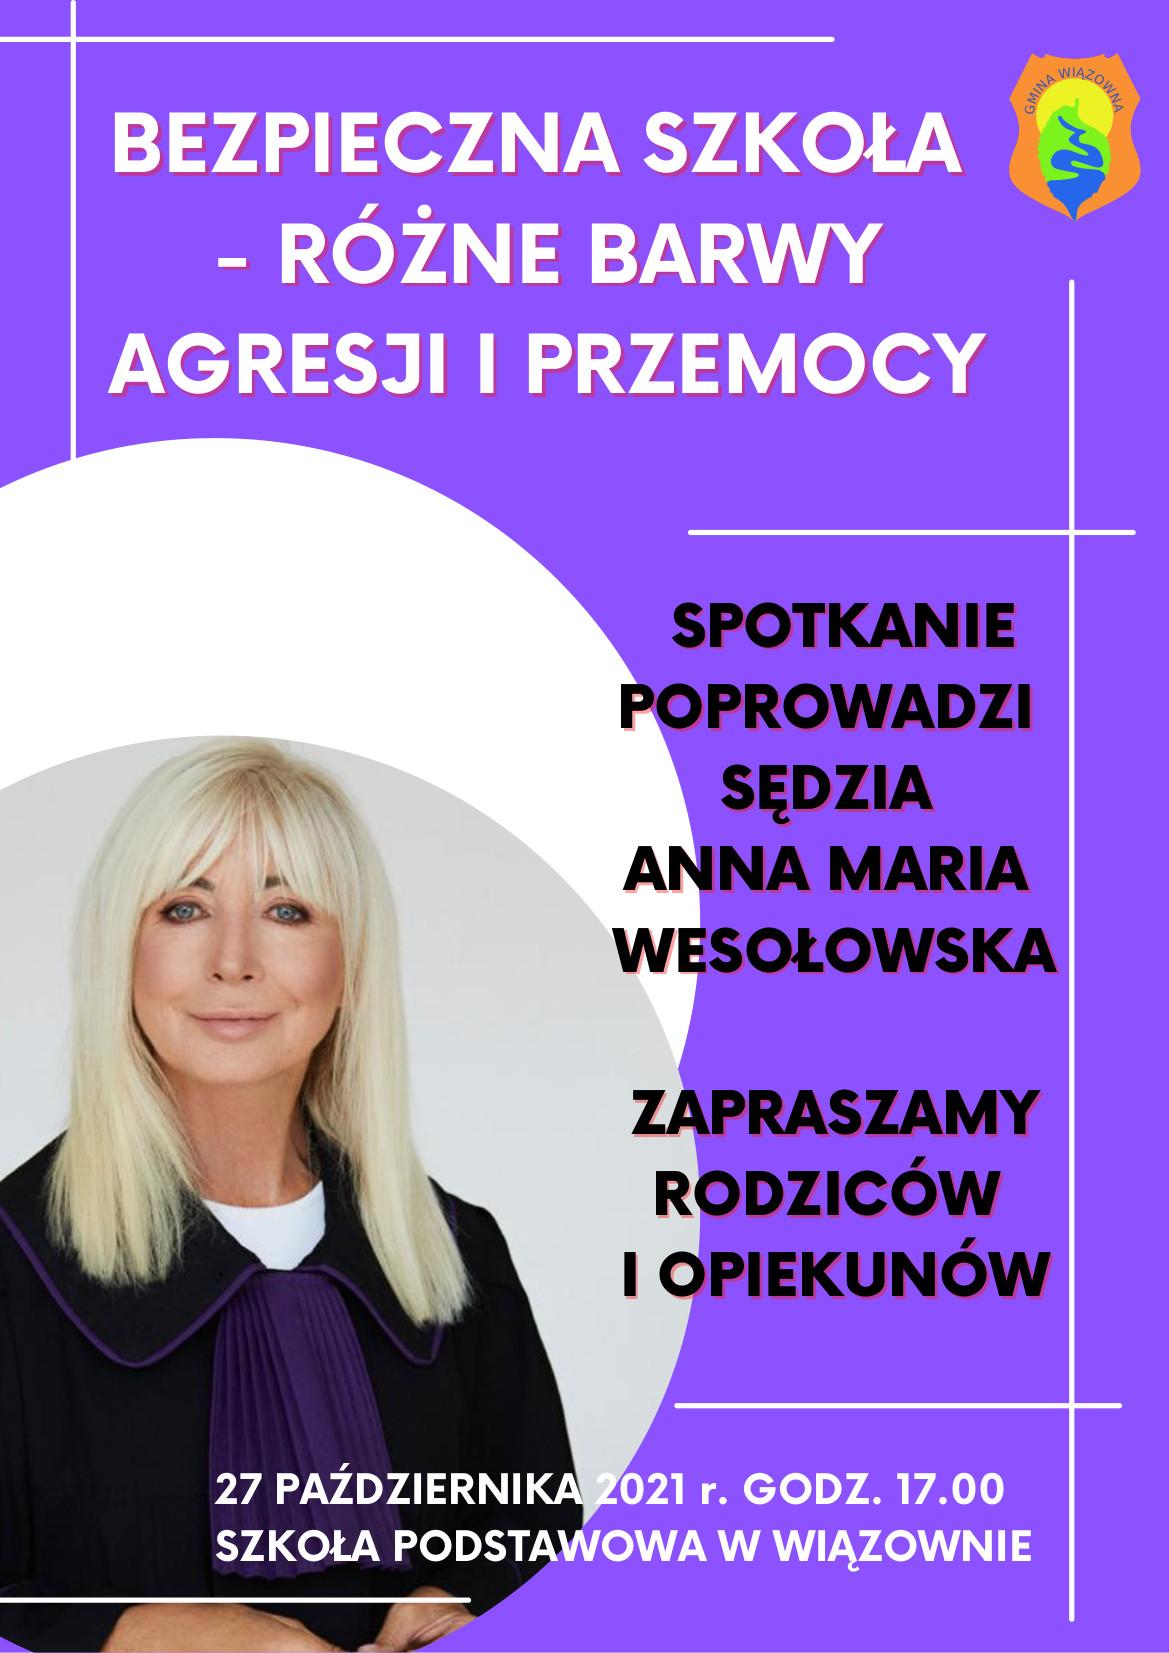 Plakat zapraszający na spotkanie z sędzią Anną Marią Wesołowską 27 października w szkole podstawowej w Wiązownie o godz. 17.00